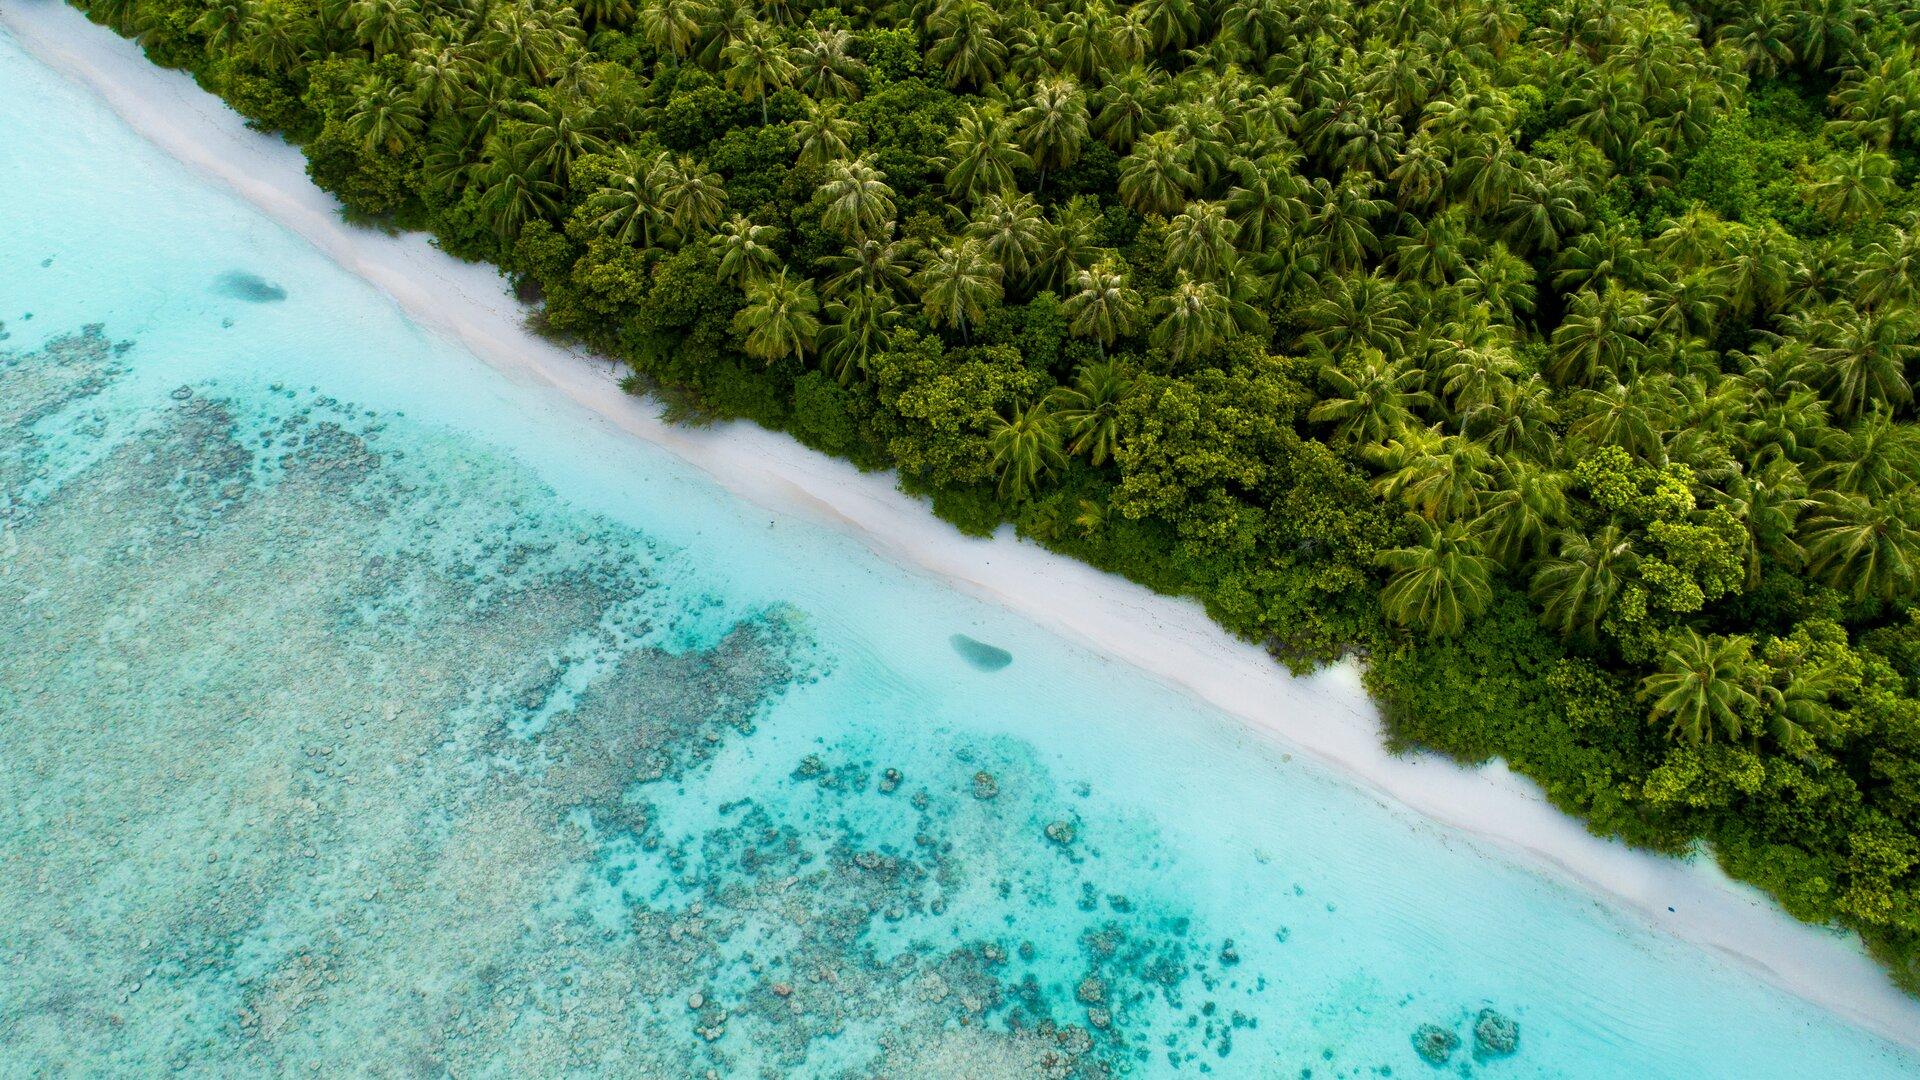 vue aérienne nature île océan